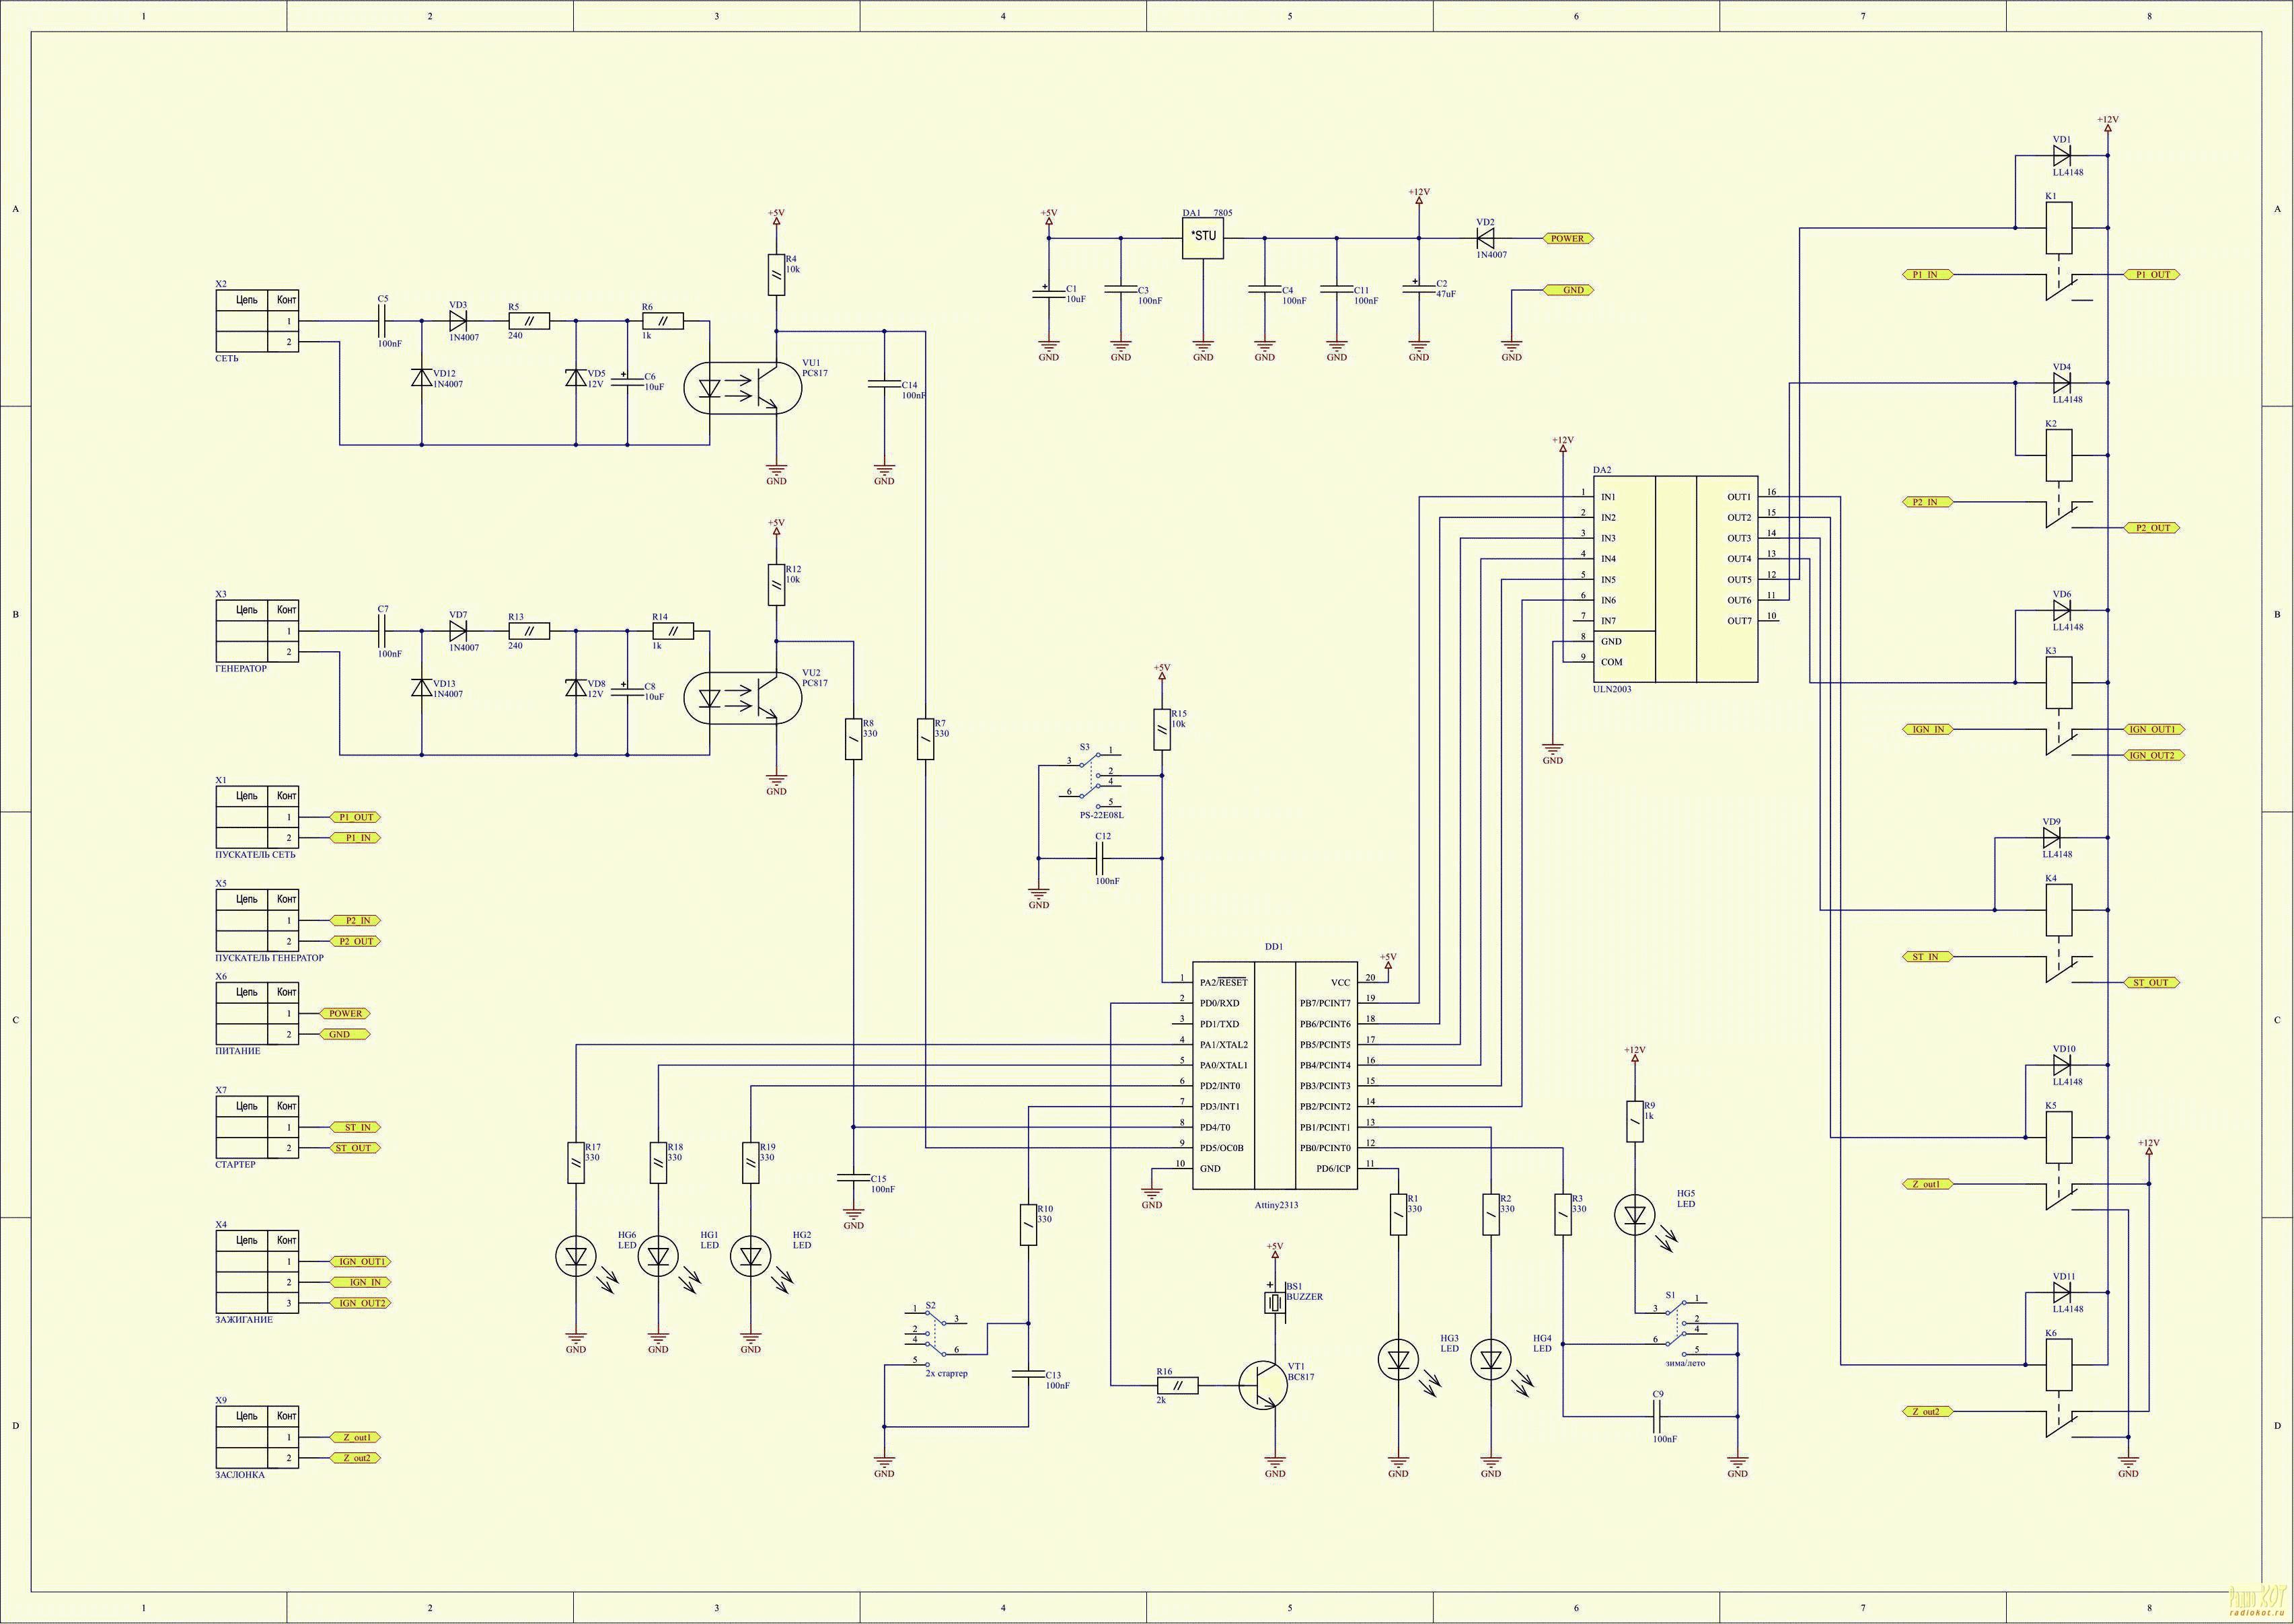 принципиальная электрическая схема зажигания генератора fubog 2000